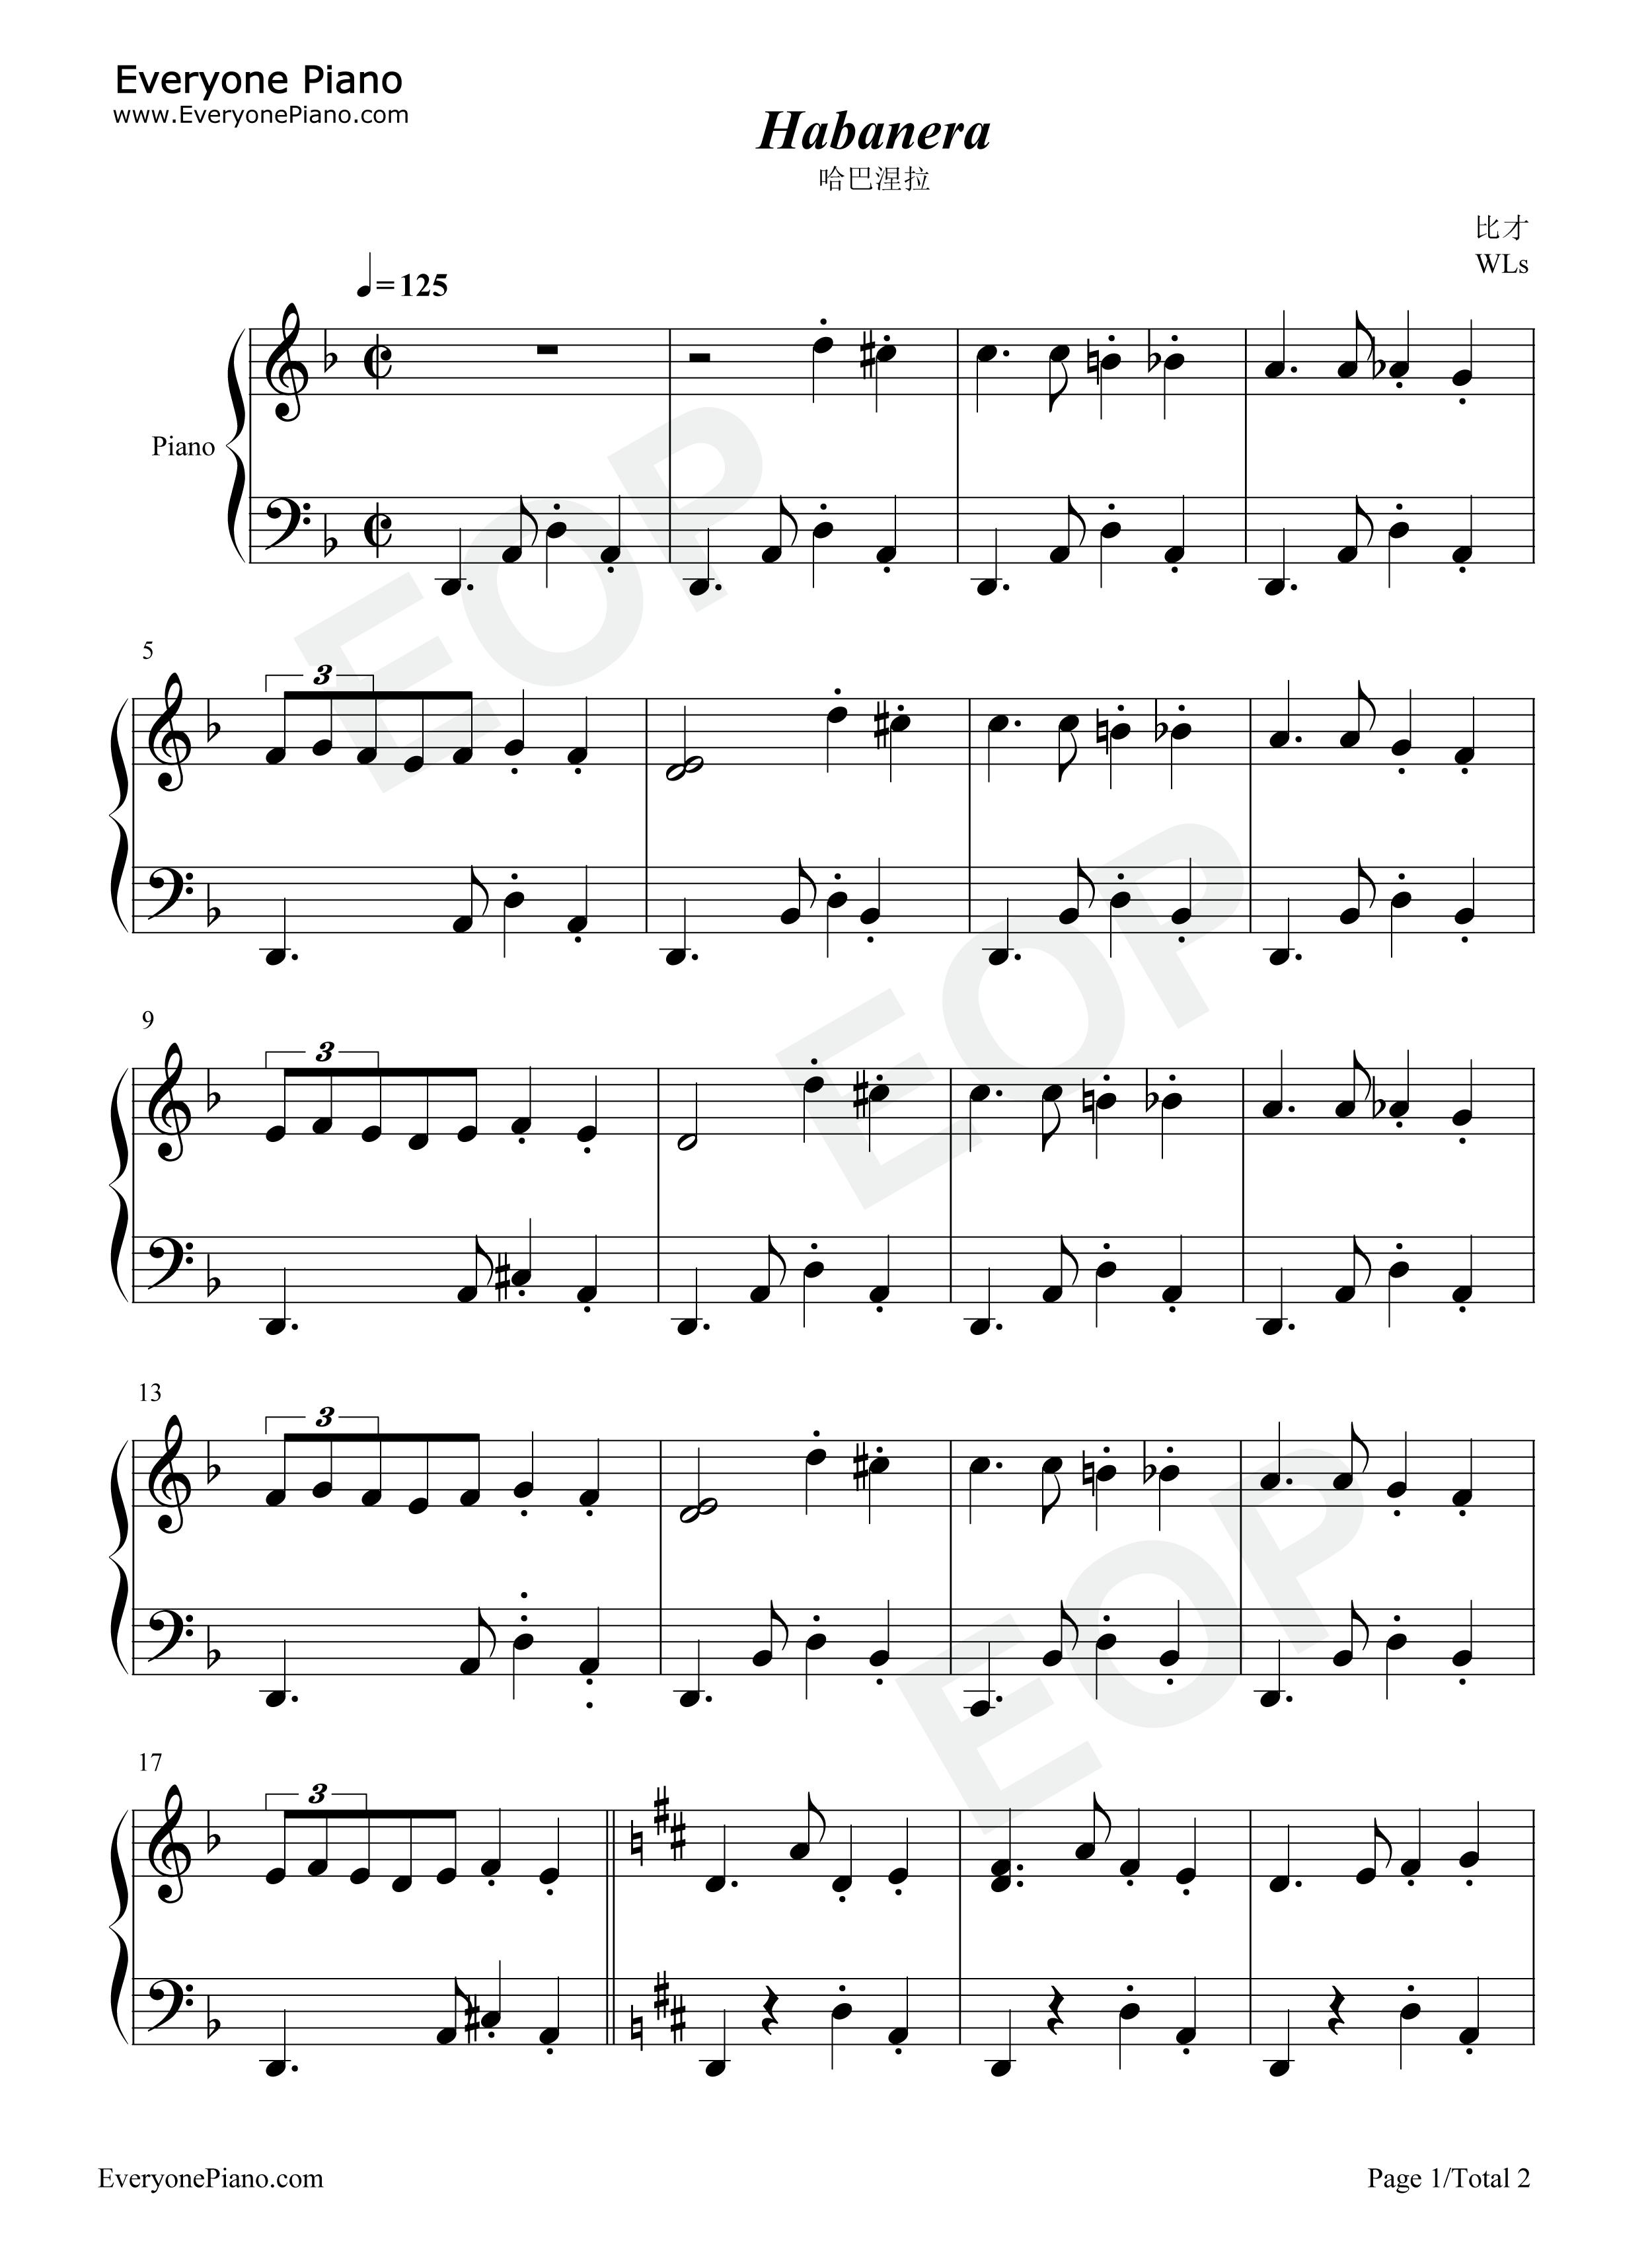 钢琴曲谱 其他 哈巴涅拉 哈巴涅拉五线谱预览1  }  仅供学习交流使用!